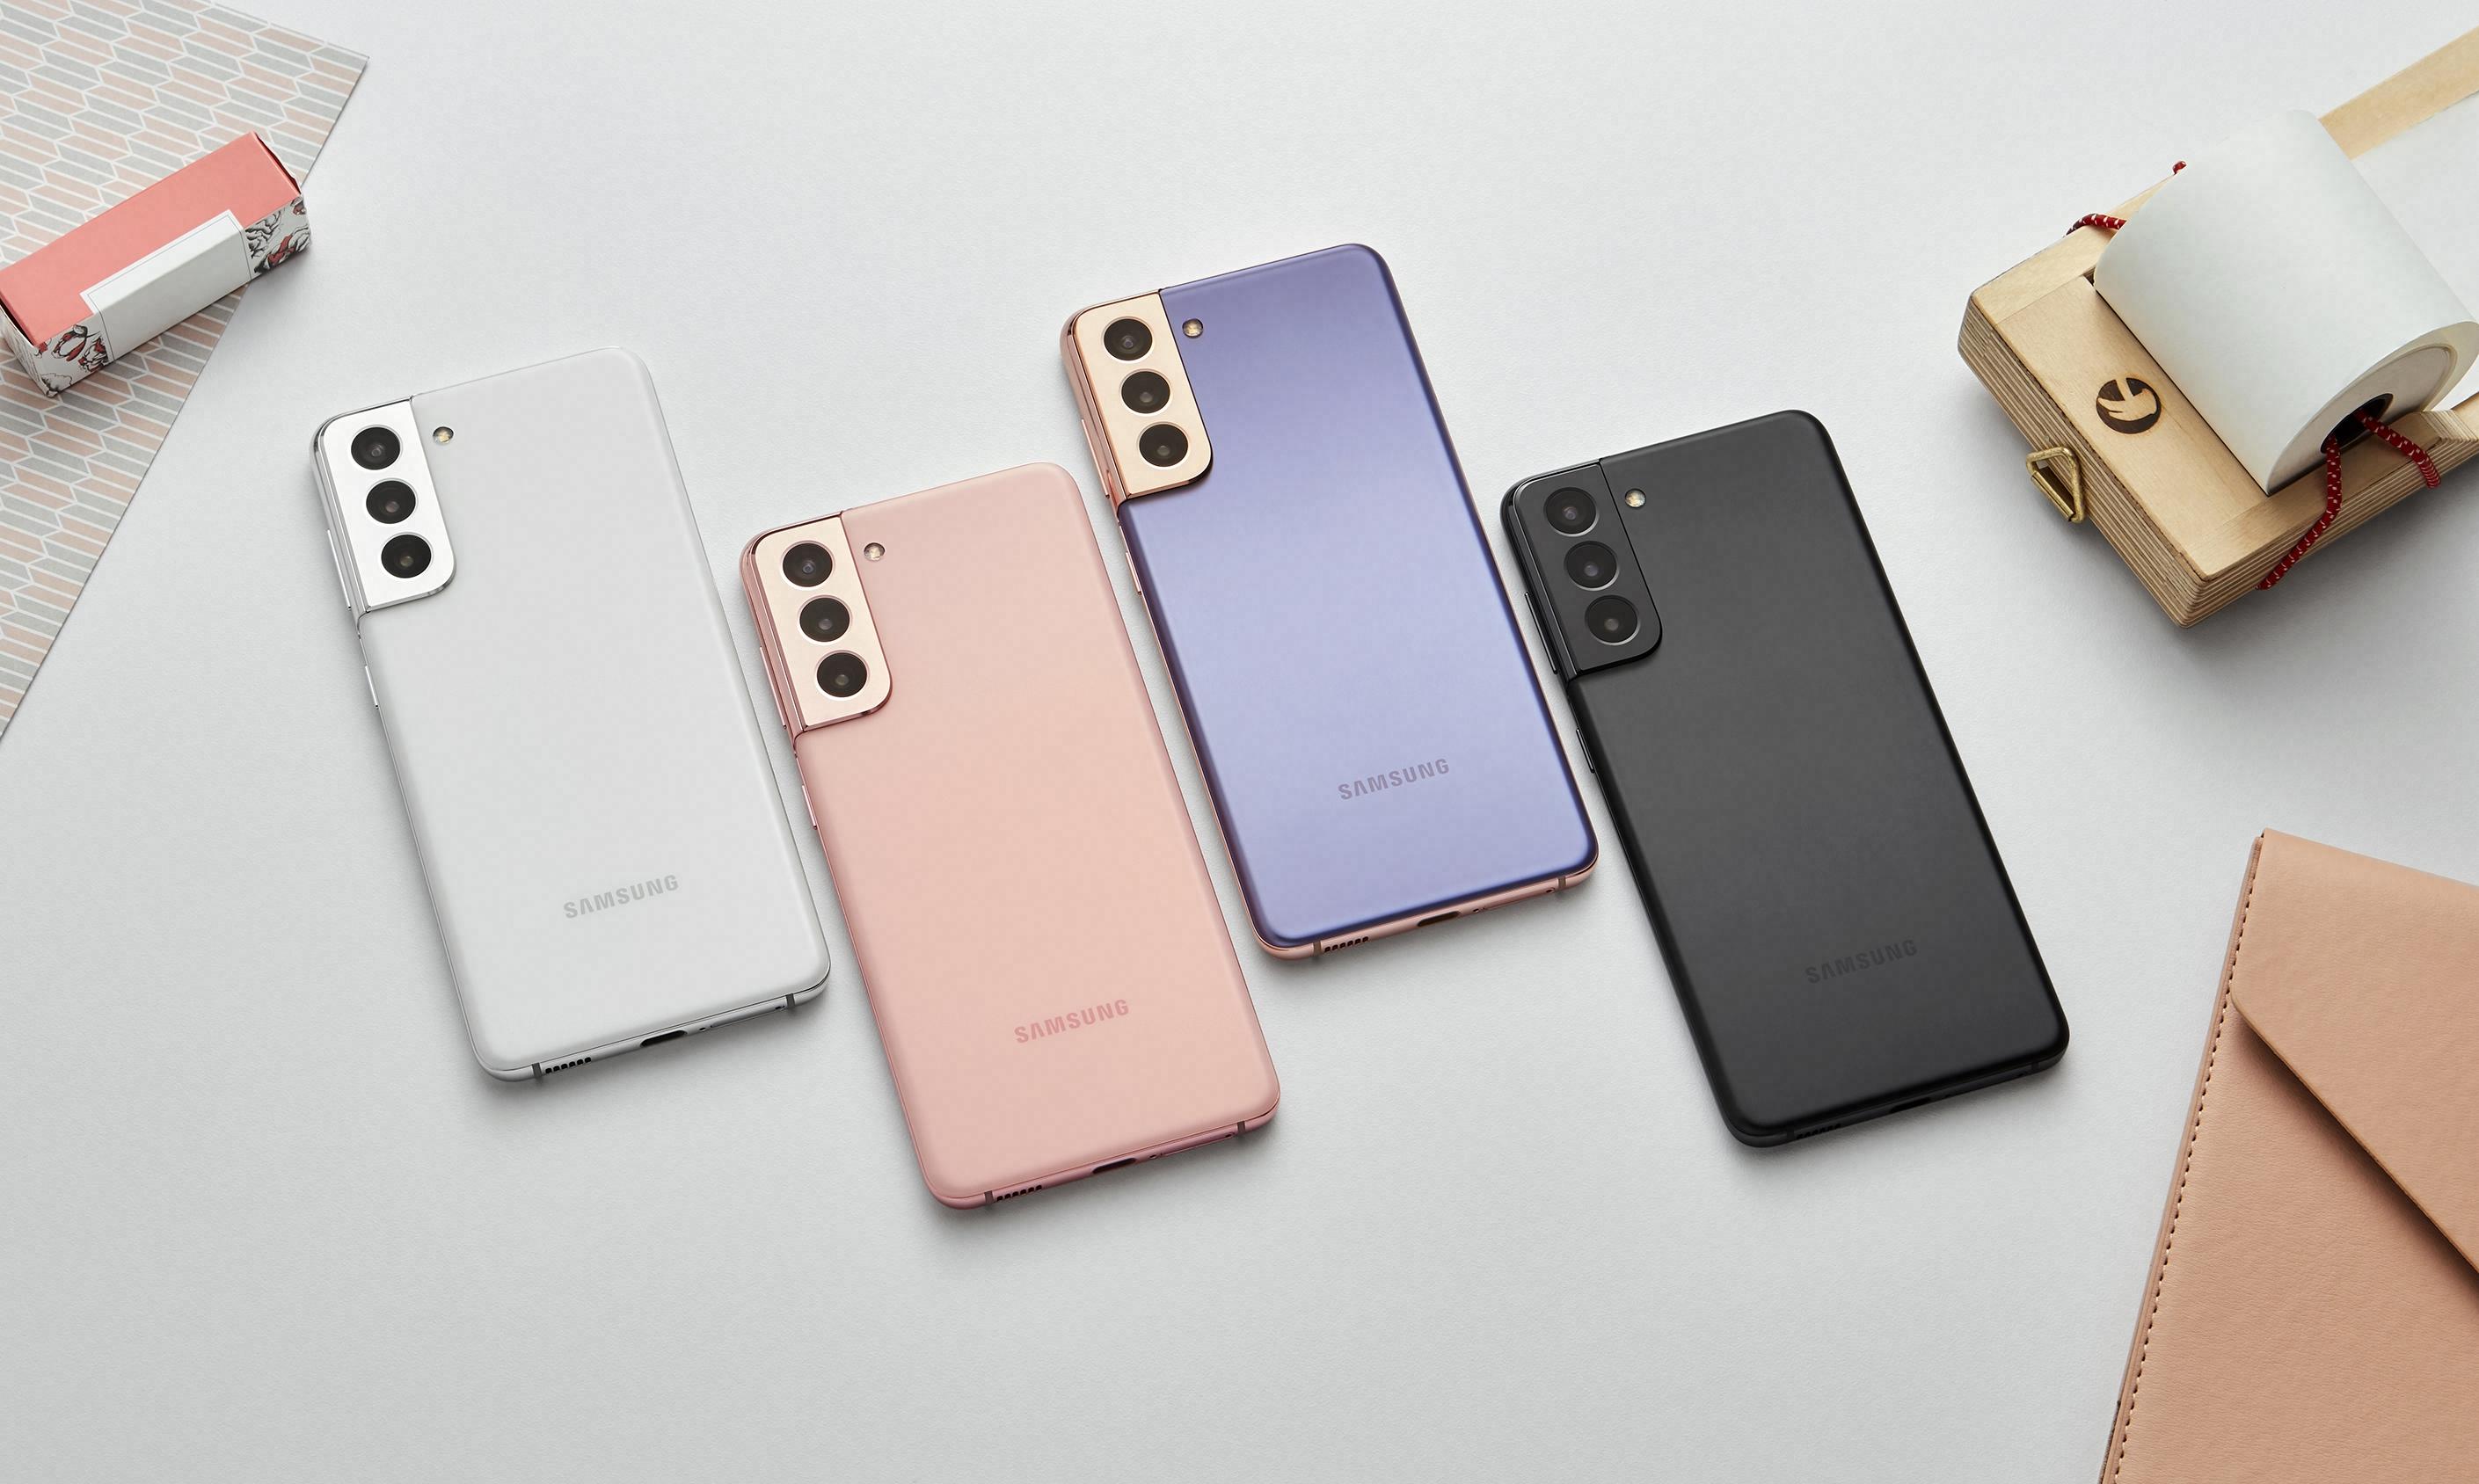 Niech każdy dzień będzie wyjątkowy z Samsung Galaxy S21 5G oraz Galaxy S21+ 5G